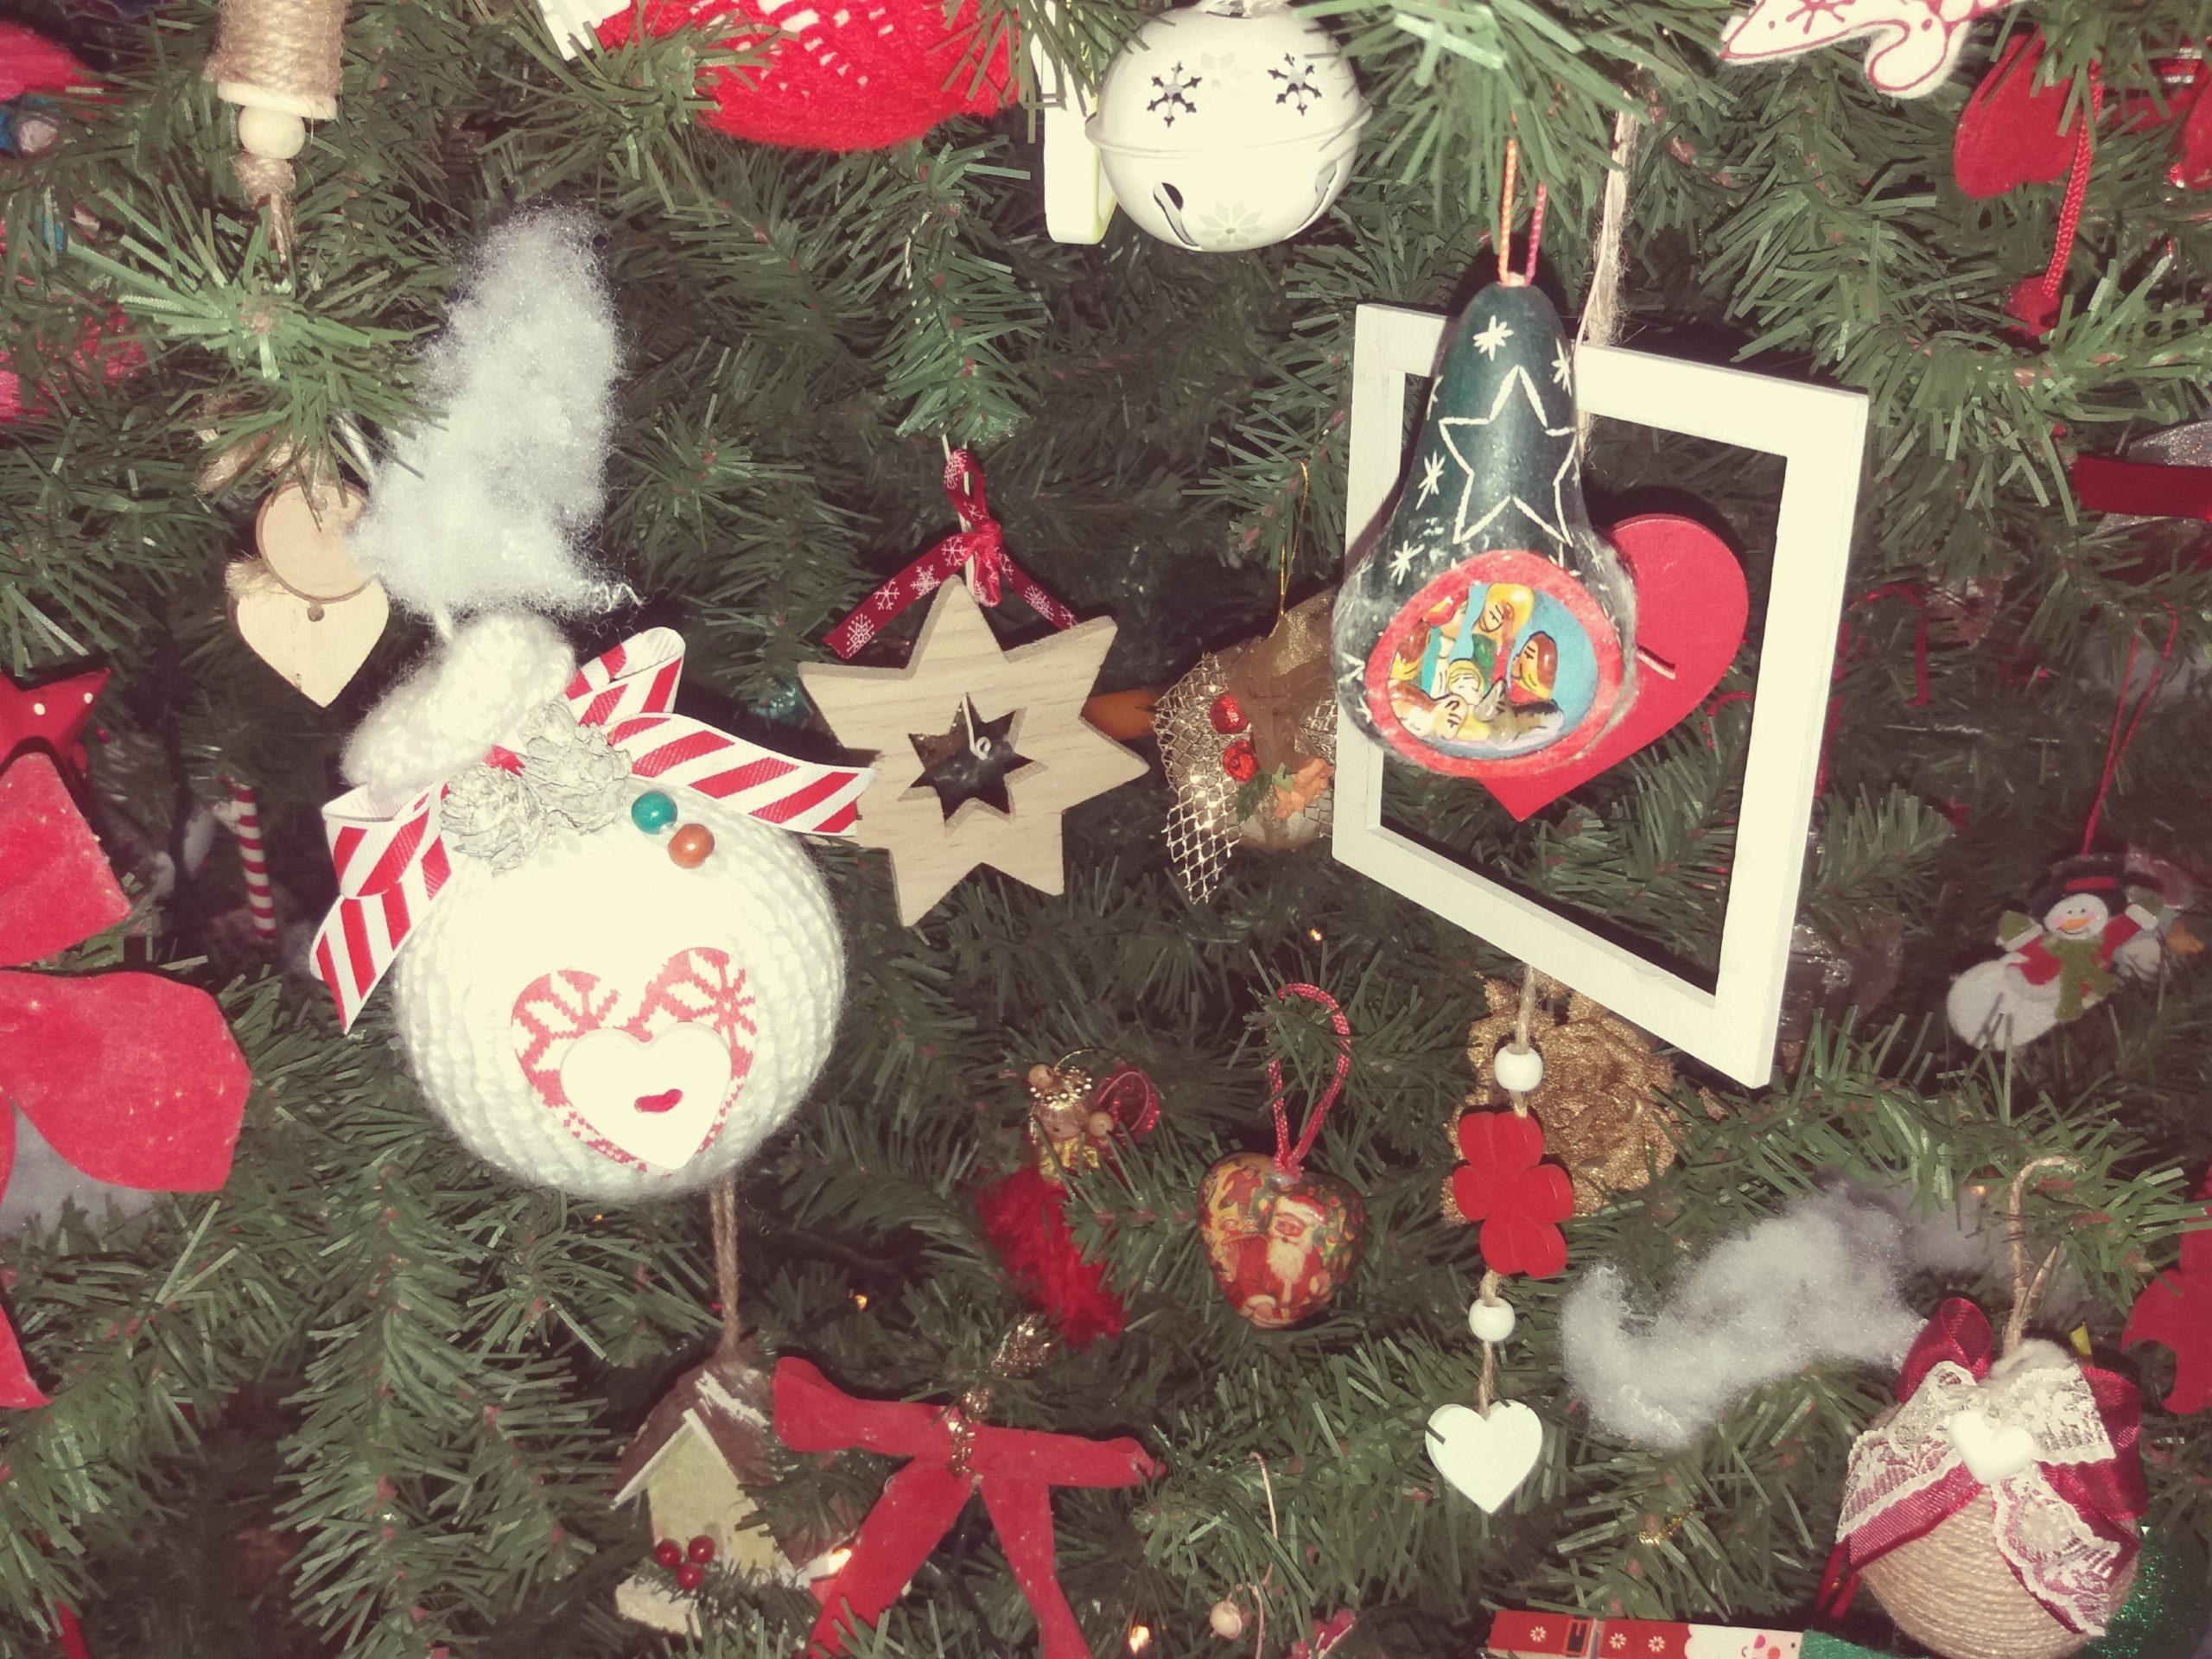 Albero Di Natale Pagano.L Albero Di Natale Le Origini La Storia E Le Diverse Tradizioni Fremondoweb